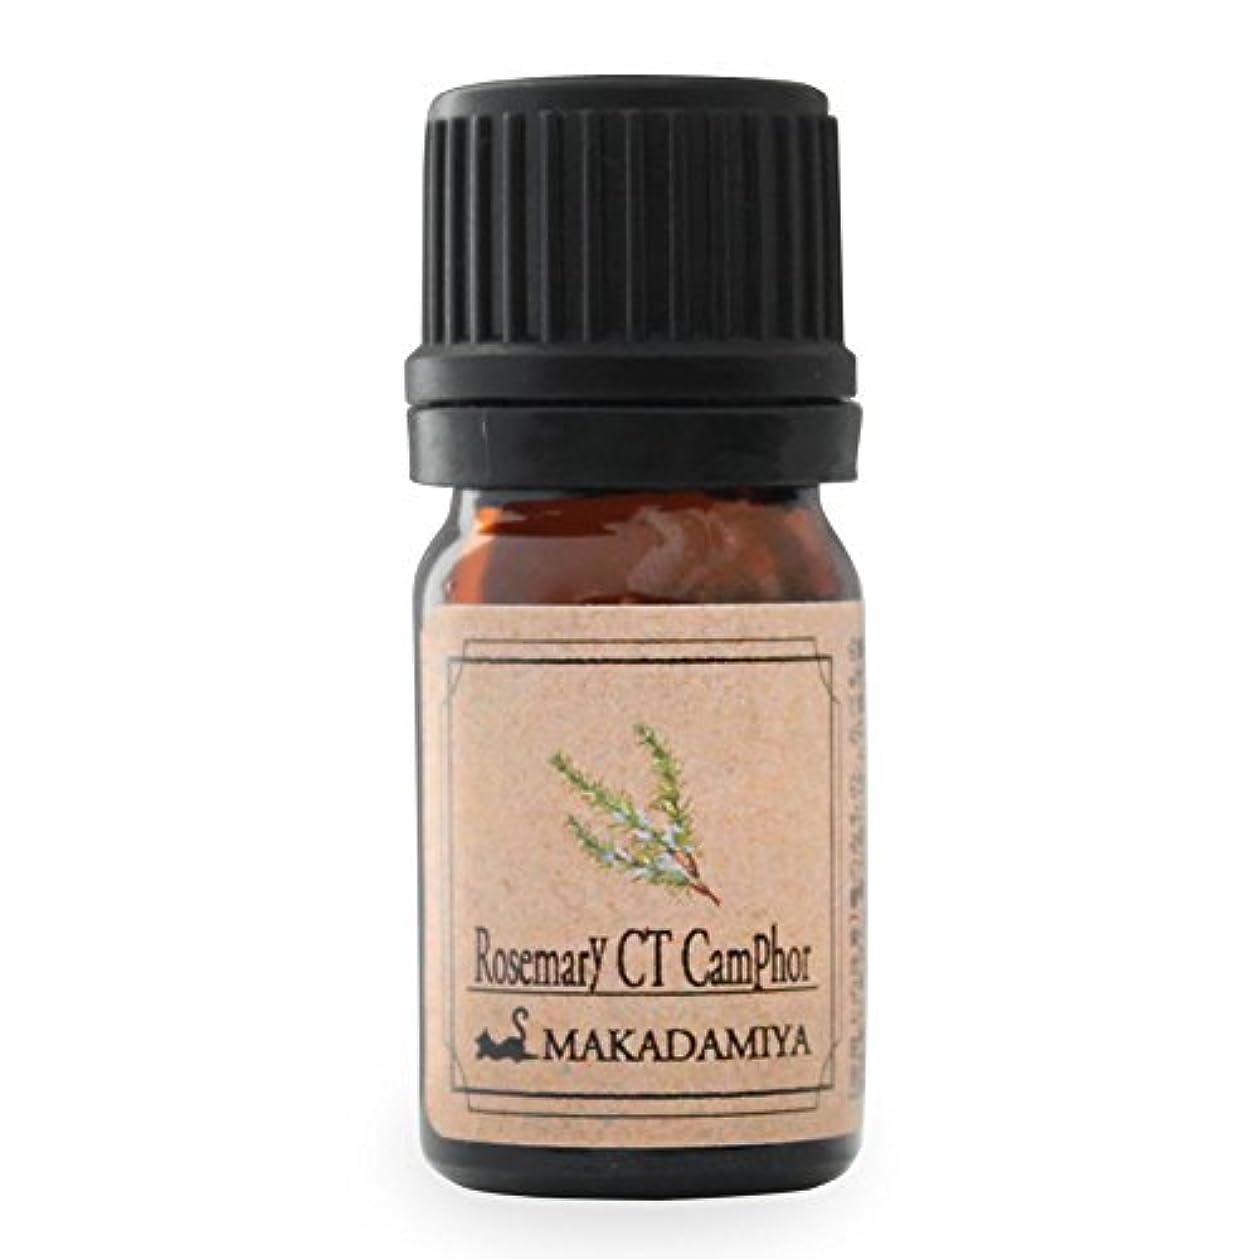 重要性寛容なホップローズマリーCTカンファー5ml 天然100%植物性 エッセンシャルオイル(精油) アロマオイル アロママッサージ aroma Rosemary